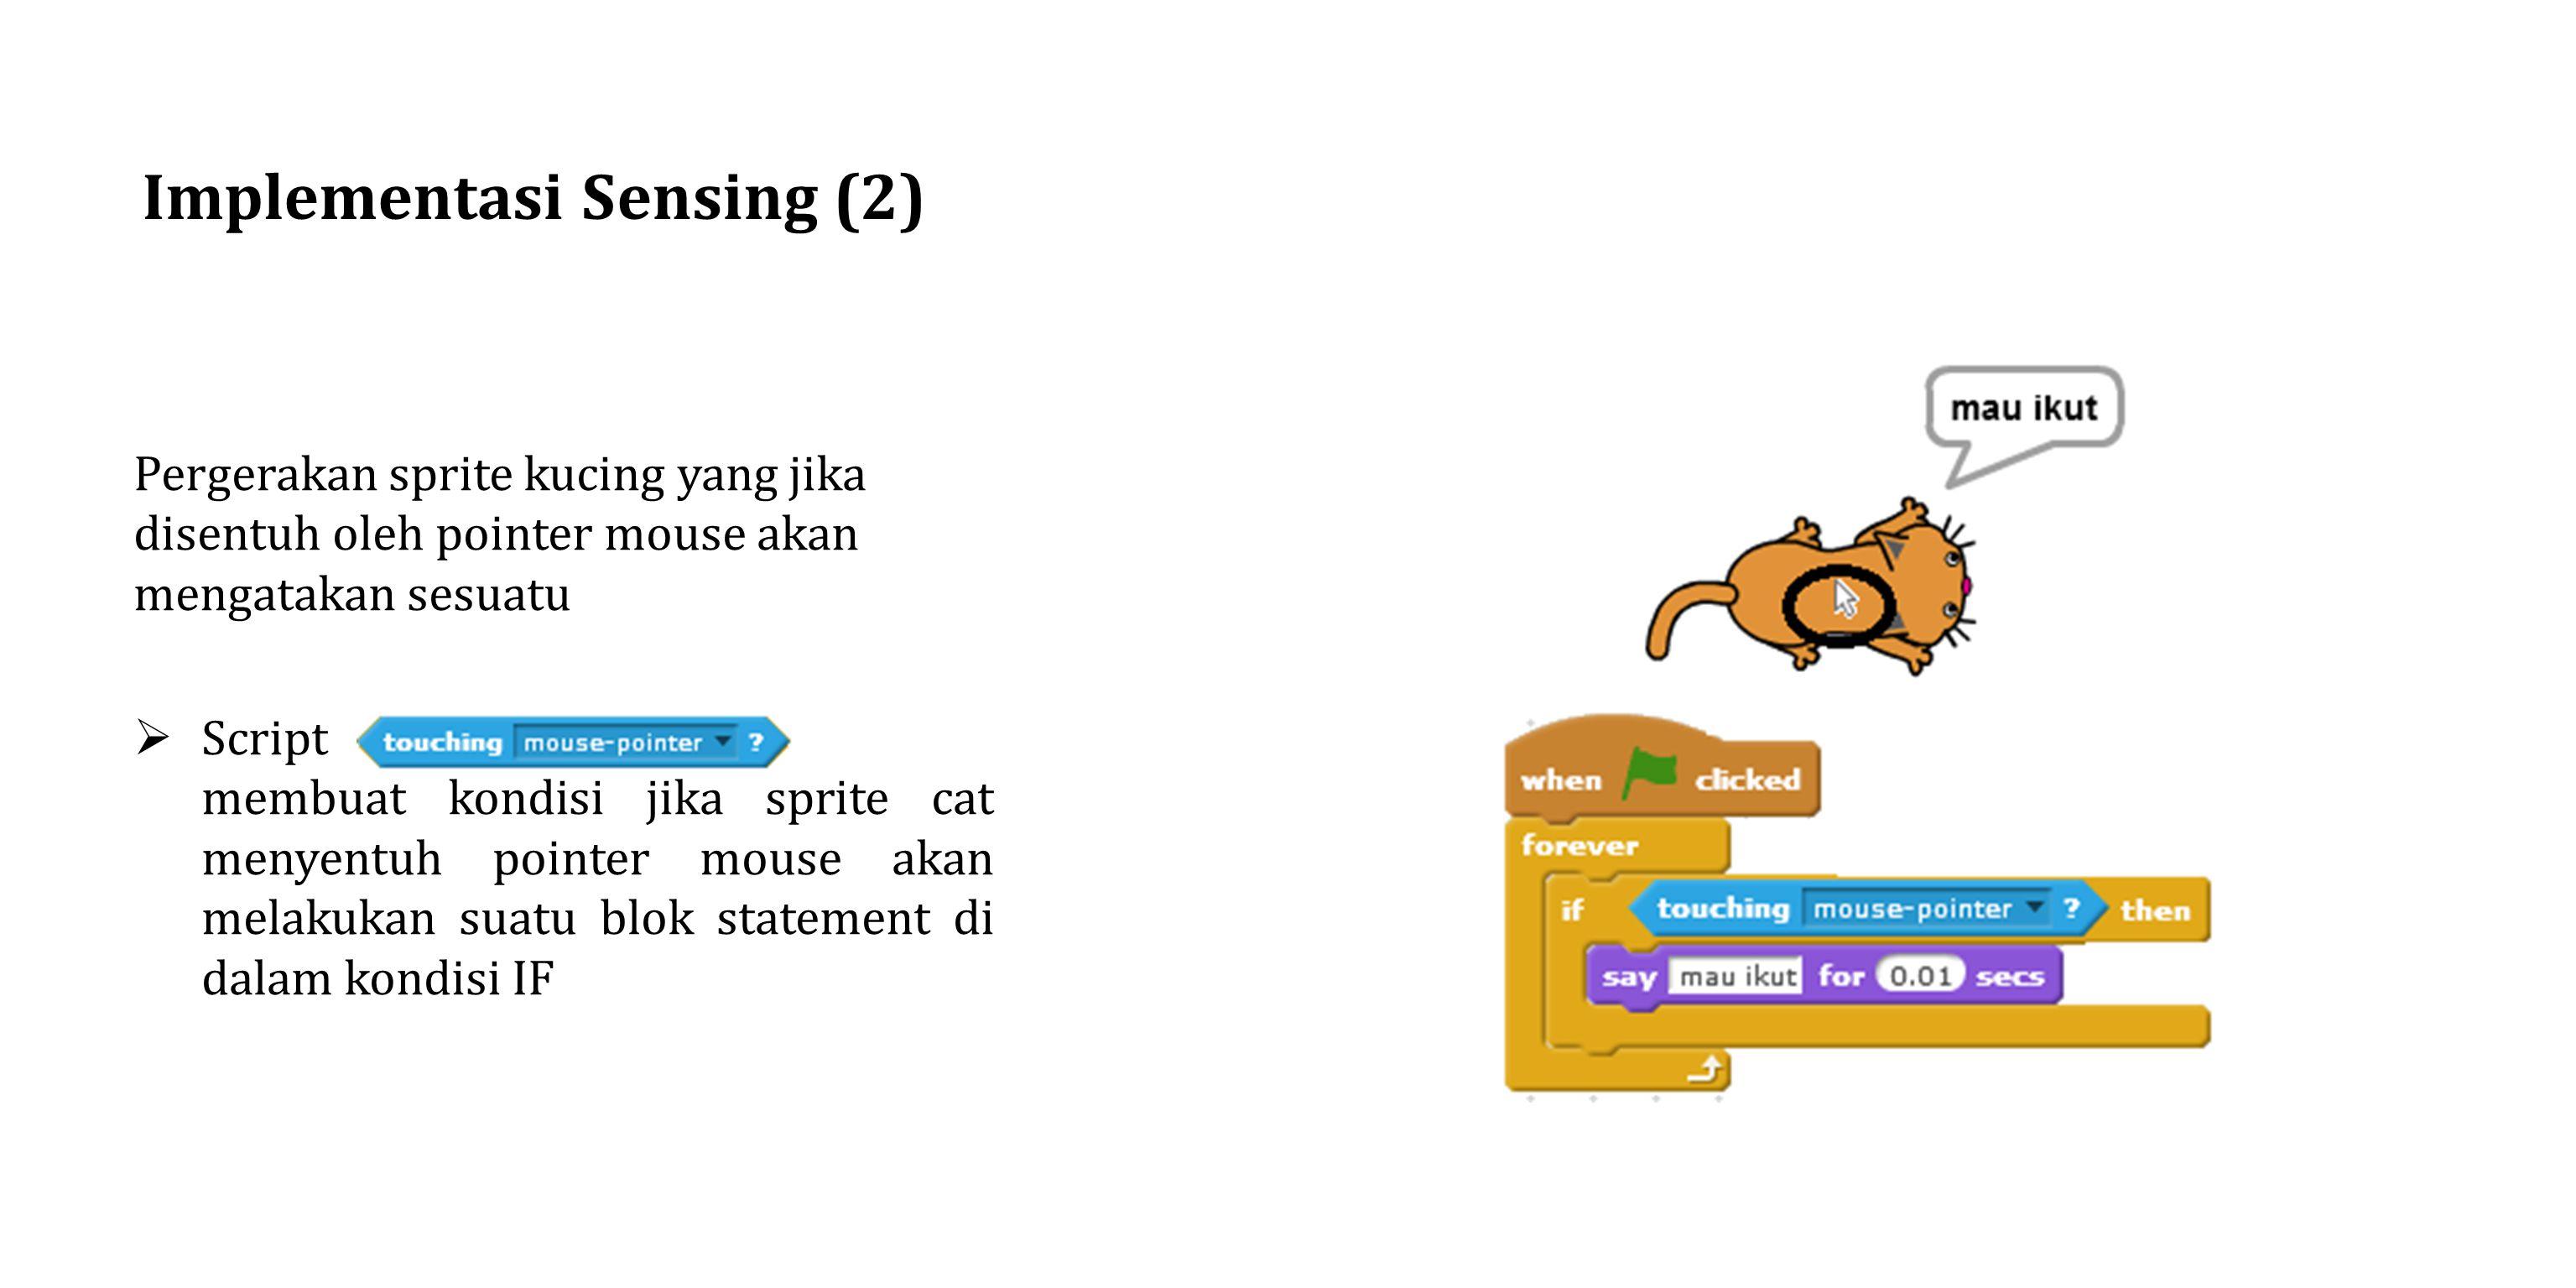 Implementasi Sensing (2) Pergerakan sprite kucing yang jika disentuh oleh pointer mouse akan mengatakan sesuatu  Script membuat kondisi jika sprite c